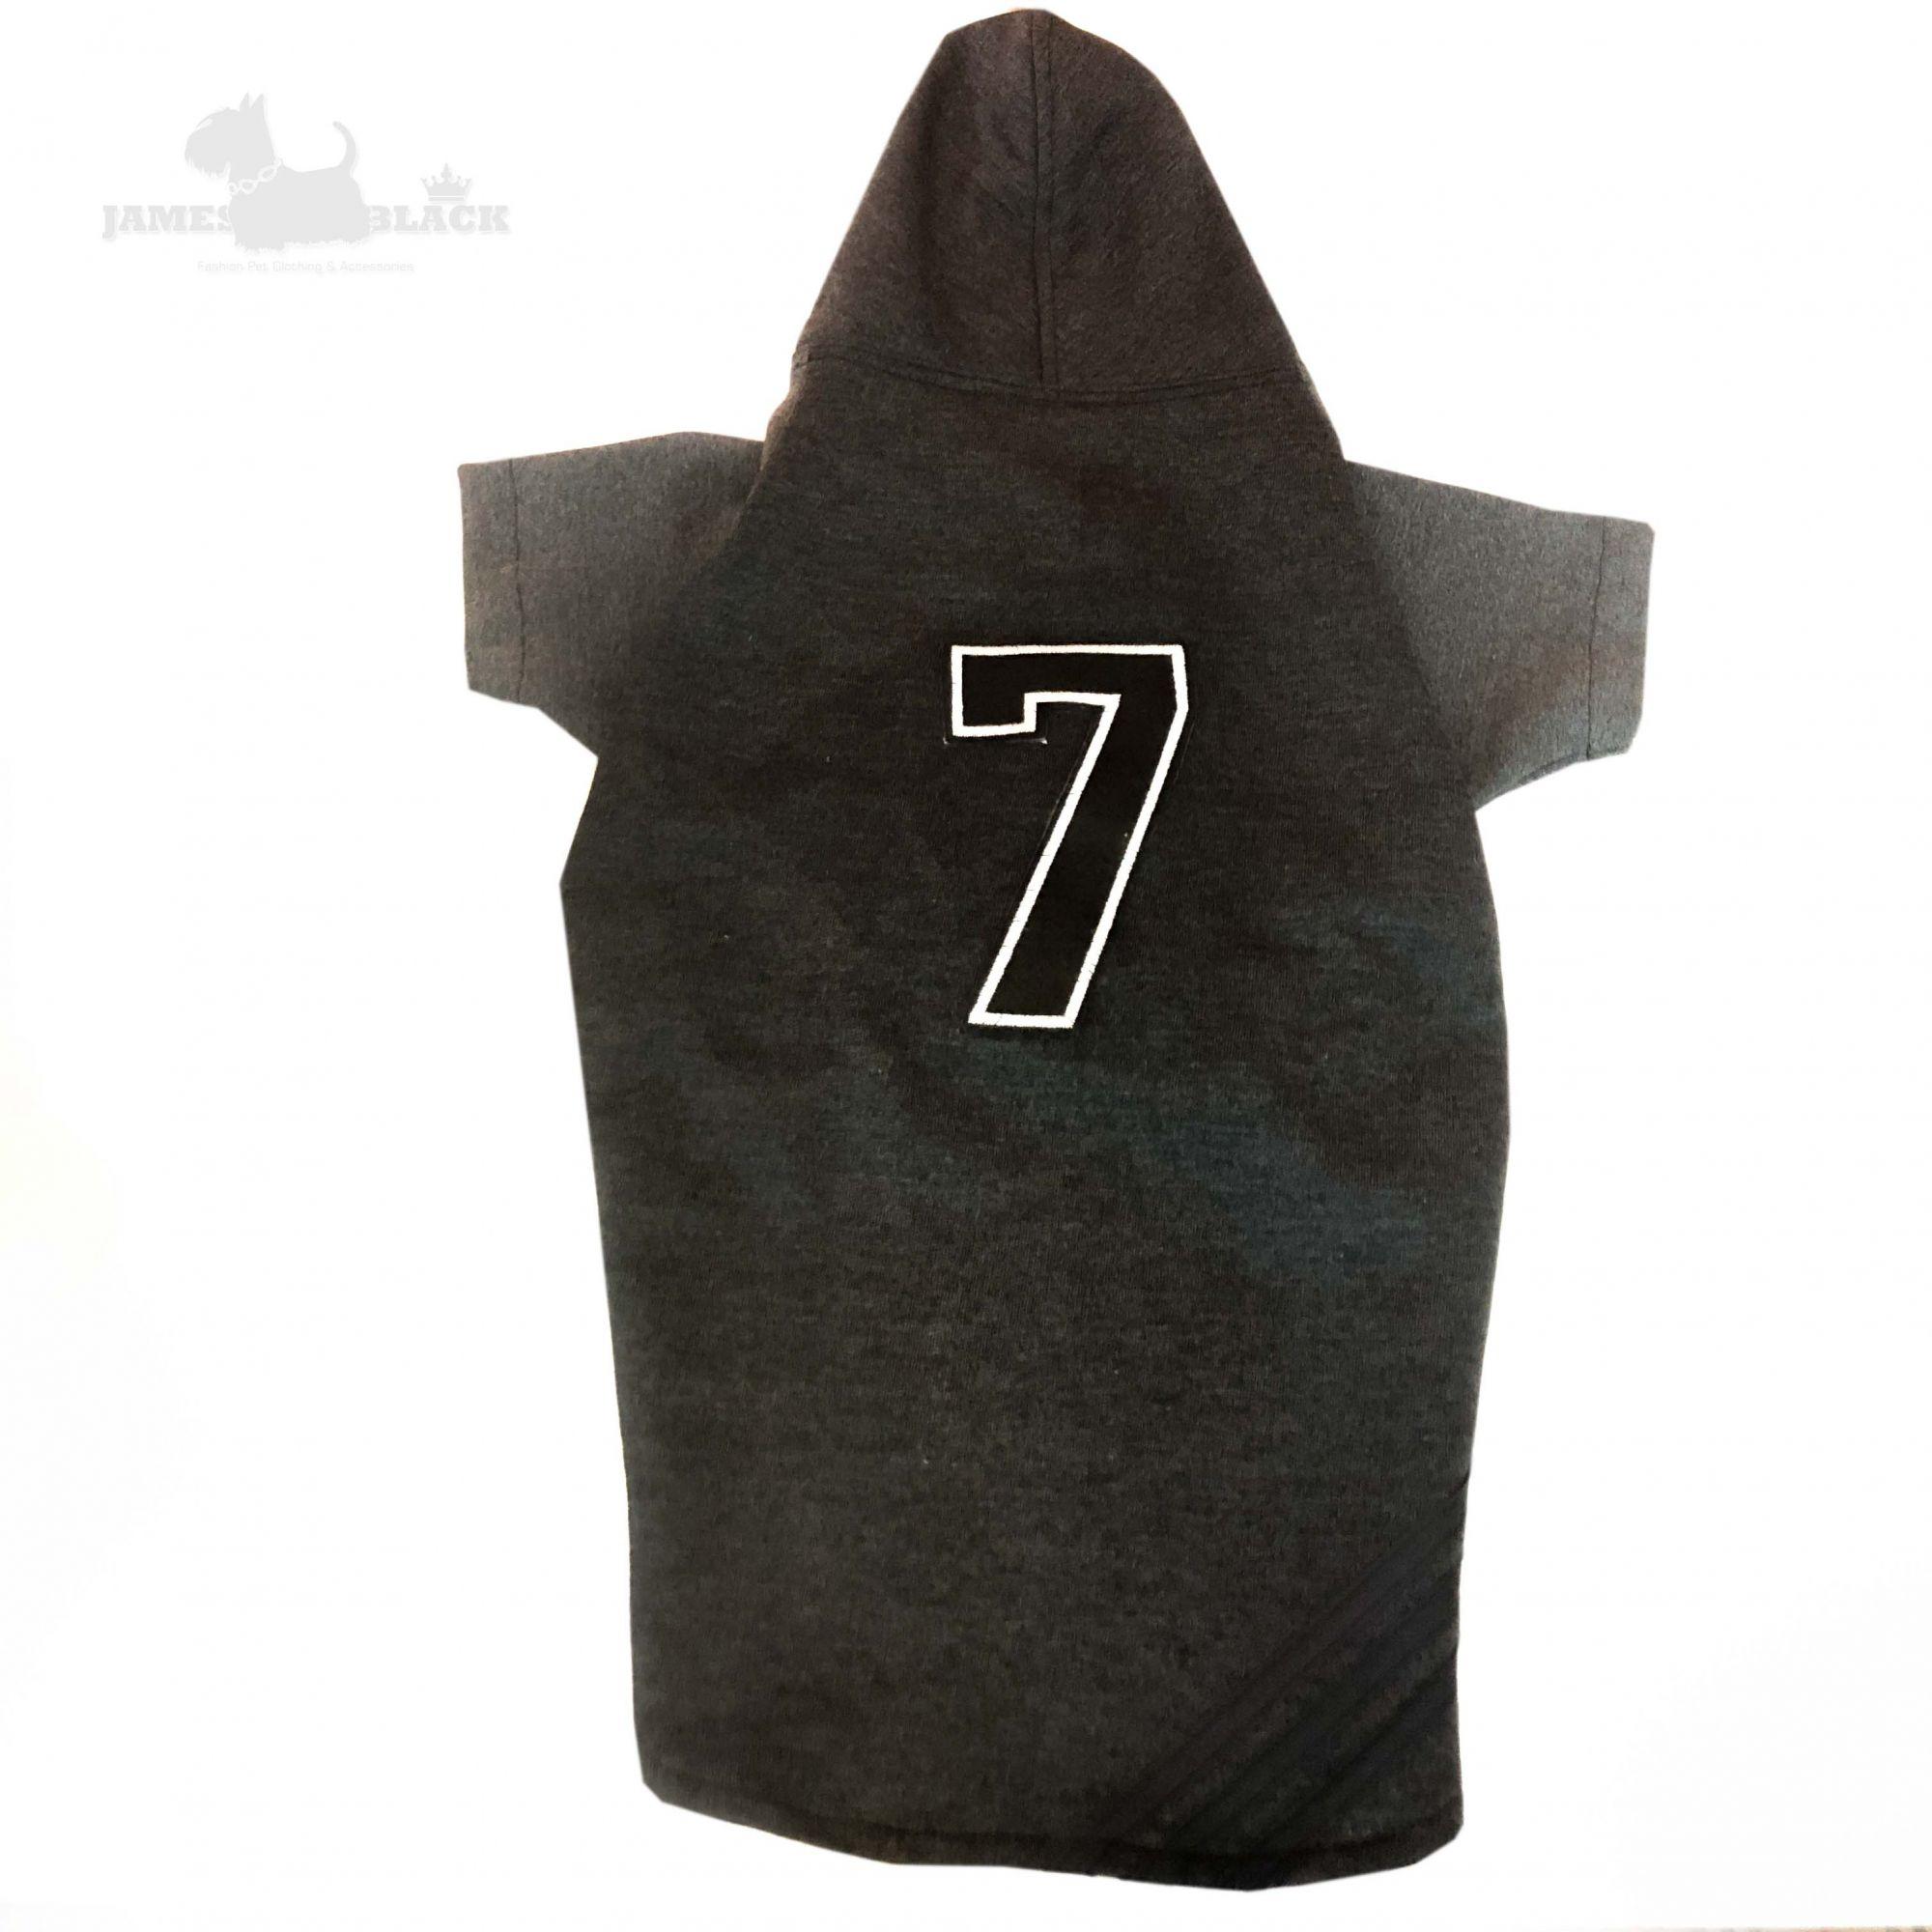 Moletom Preto com Listras Número 7